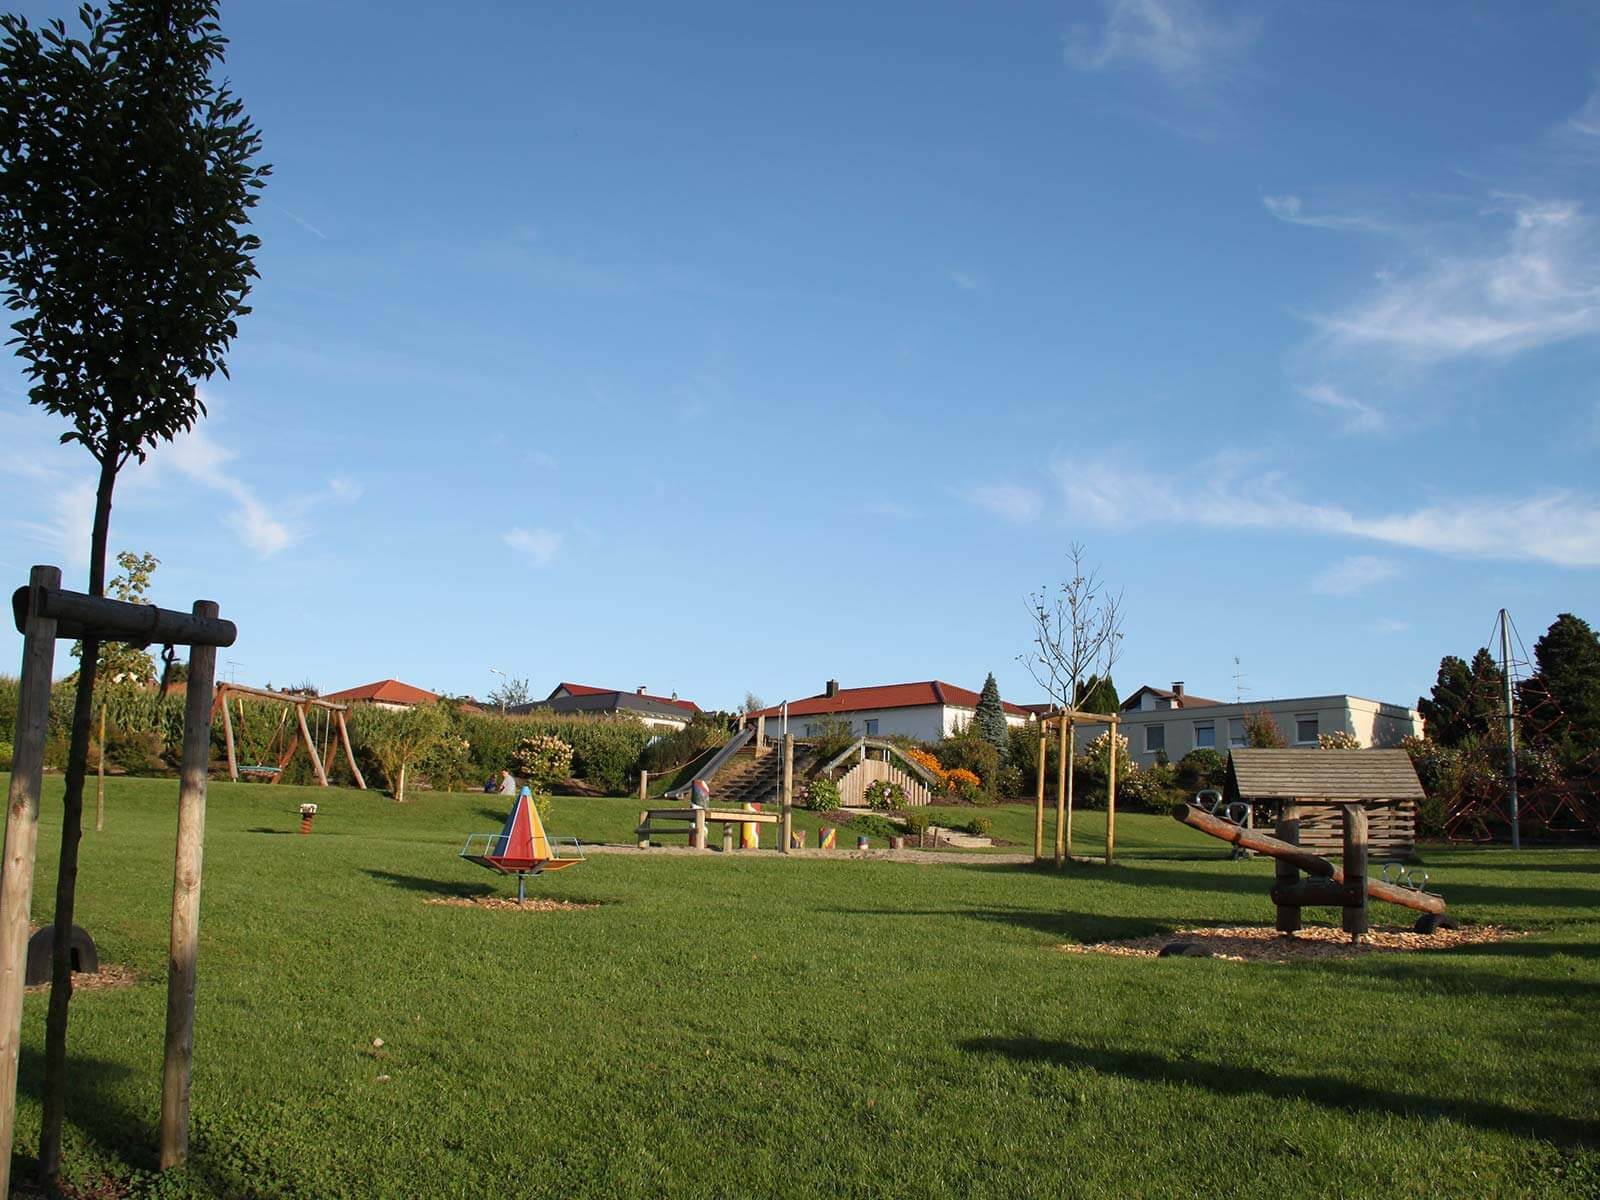 Der Spielplatz Knallfrosch in Herbertingen